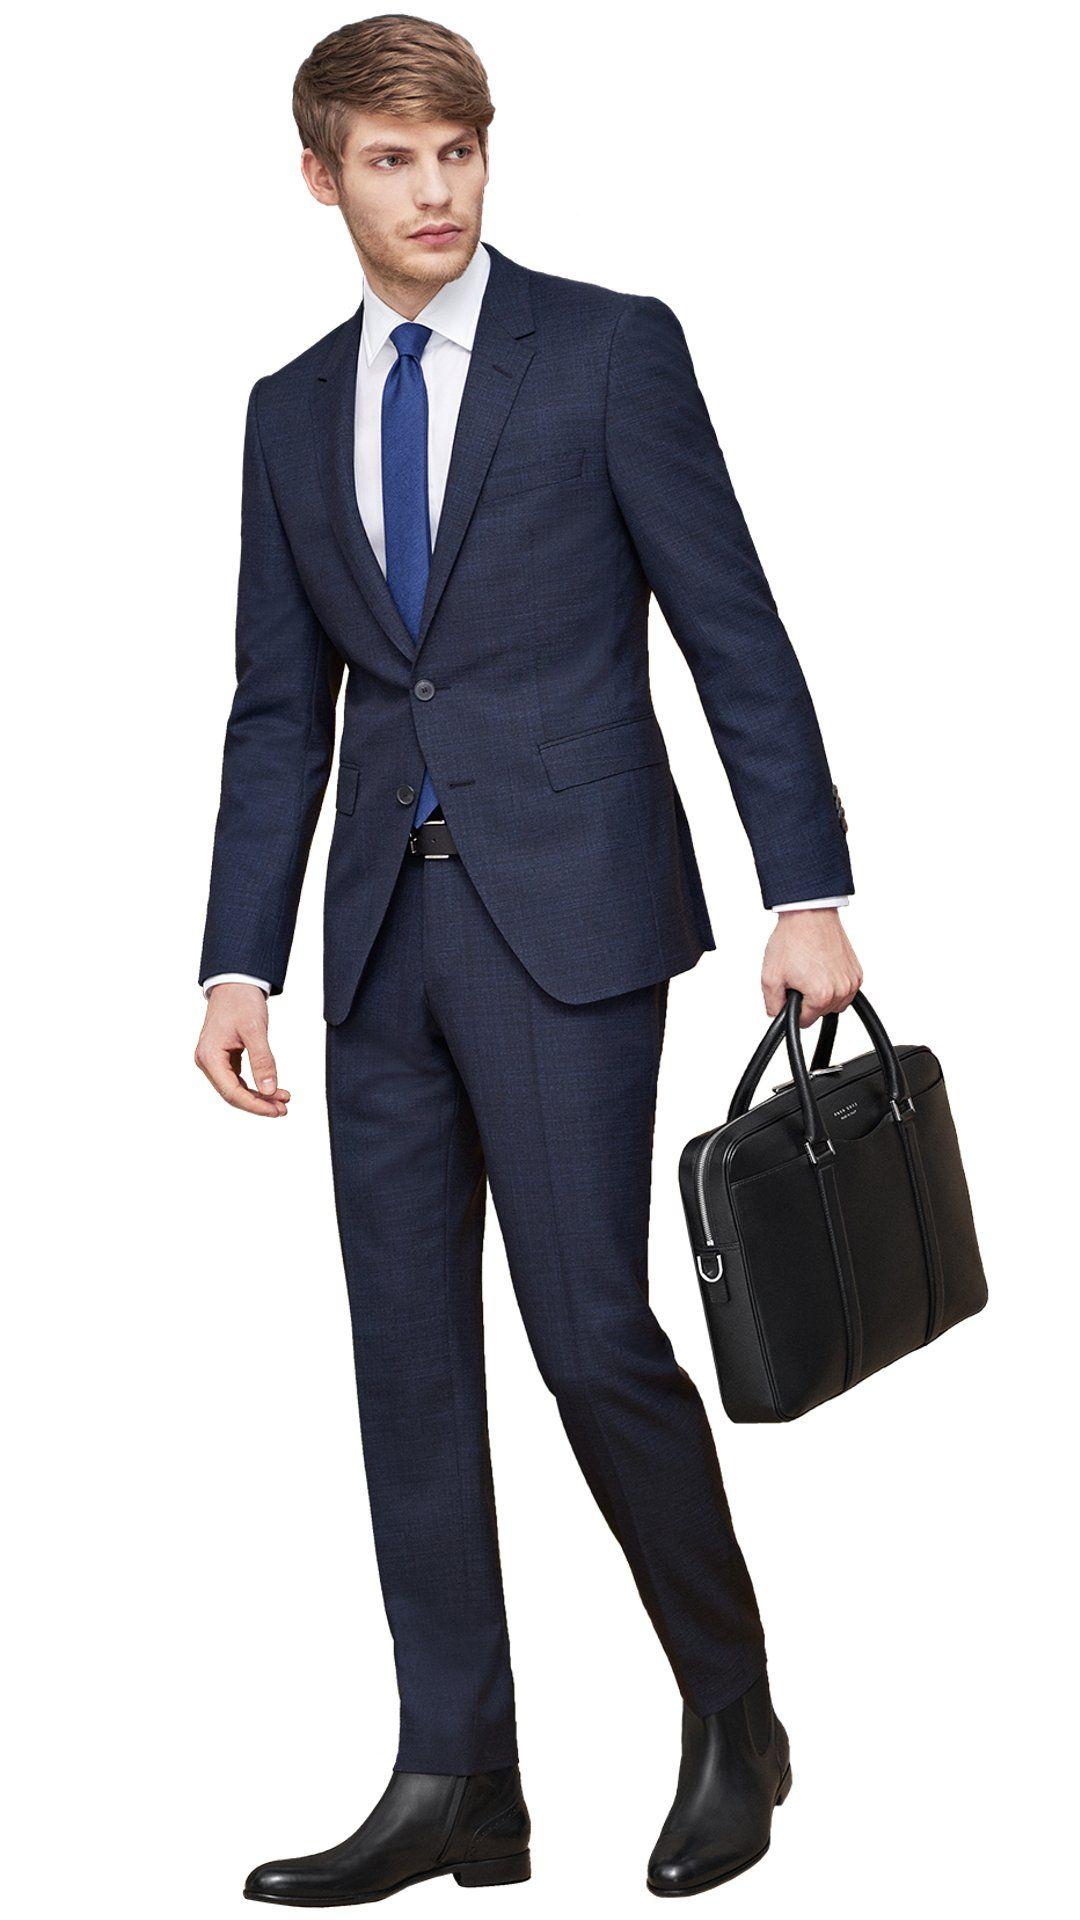 Traje azul y corbata 26069c6d147